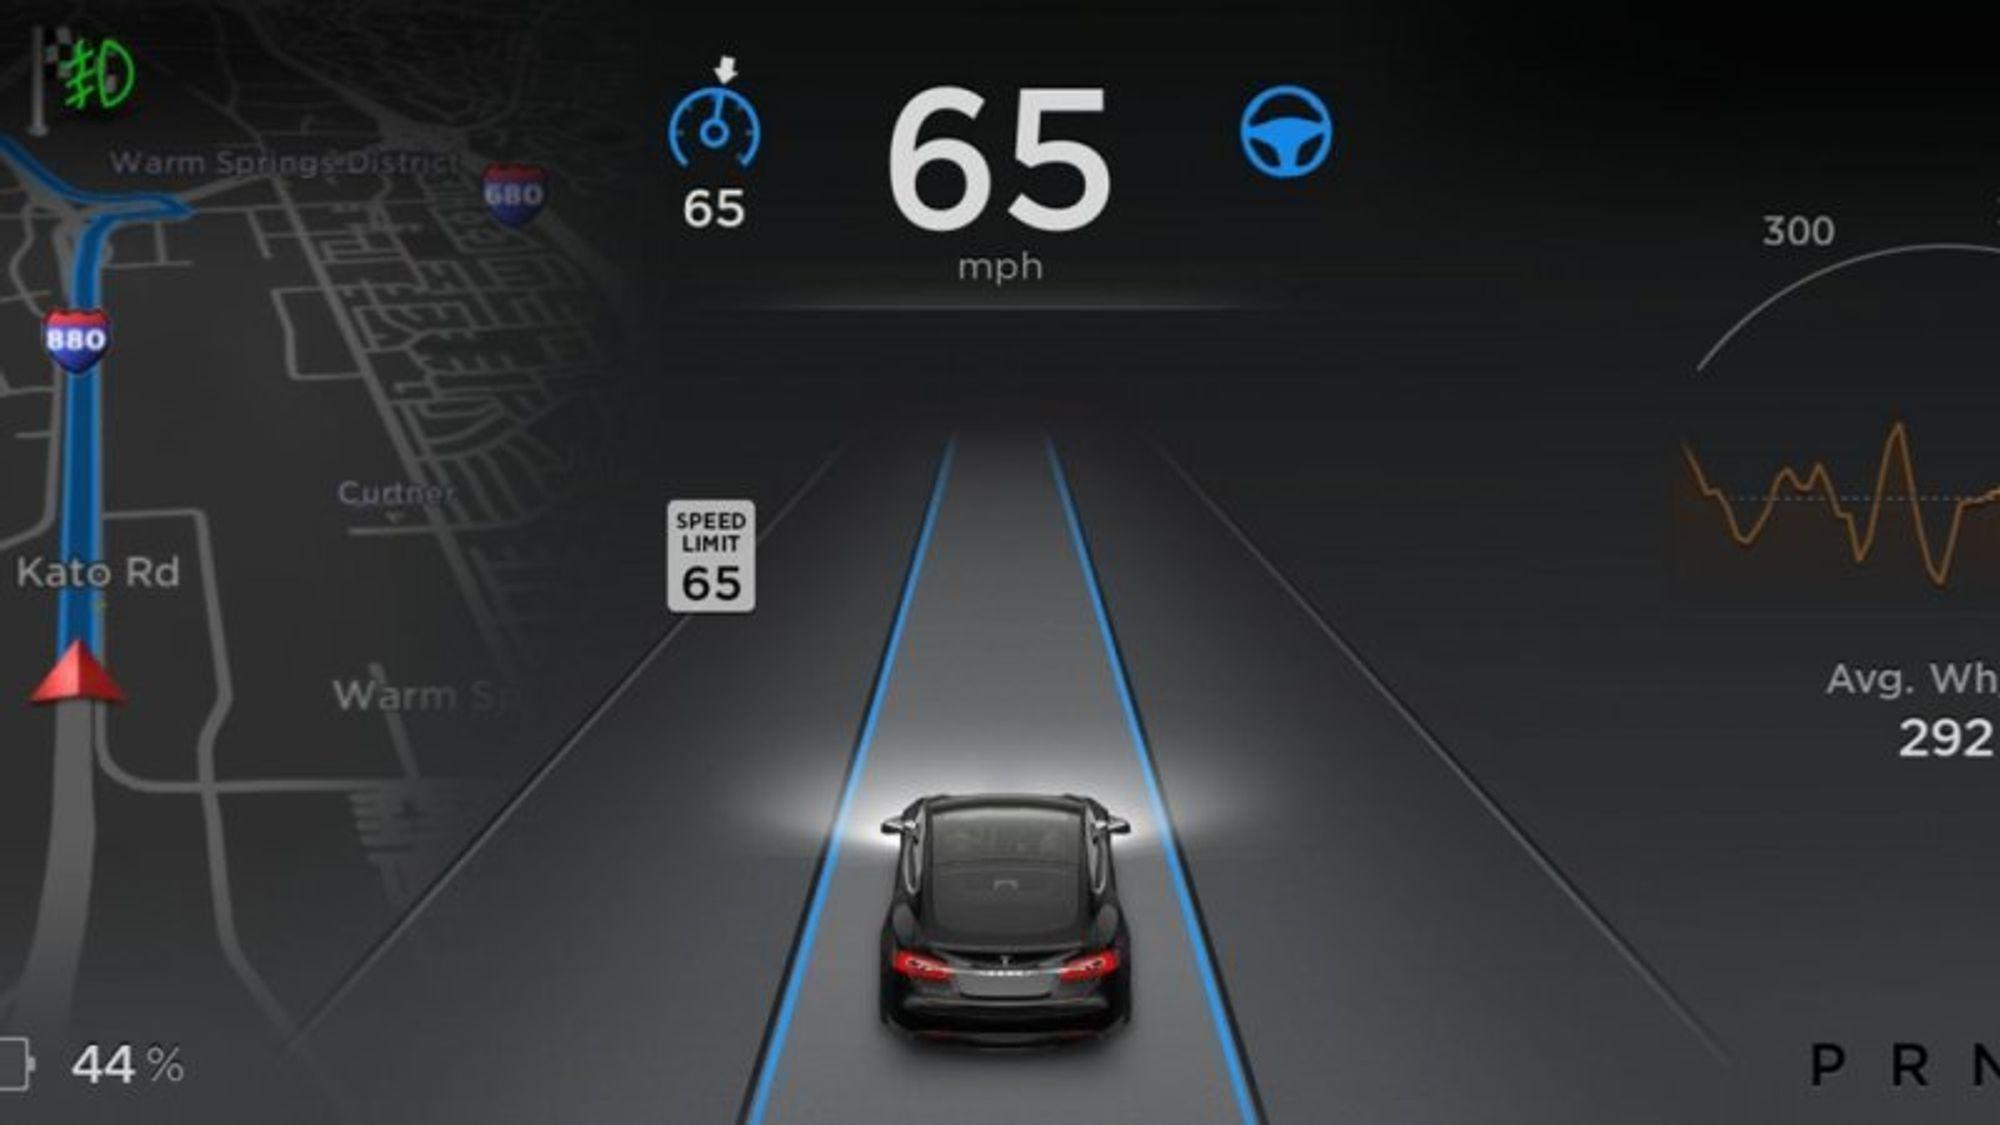 Manglende sikkerhetsforanstaltninger bidro til ulykken i fjor, der føreren av en selvkjørende Tesla omkom i en kollisjon med en trailer.